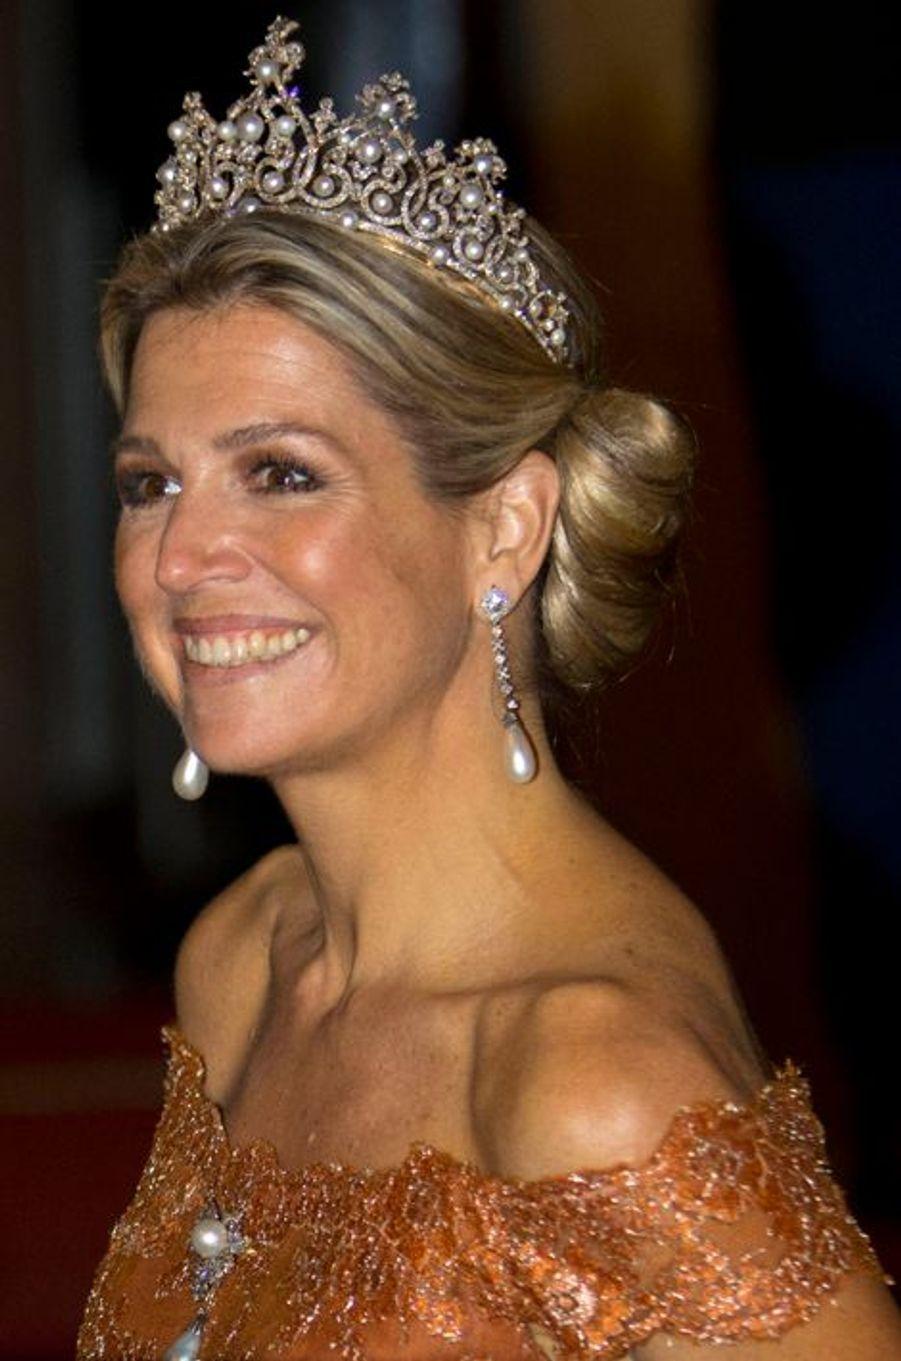 La reine Maxima des Pays-Bas après le dîner de gala des diplomates à Amsterdam, le 24 juin 2015